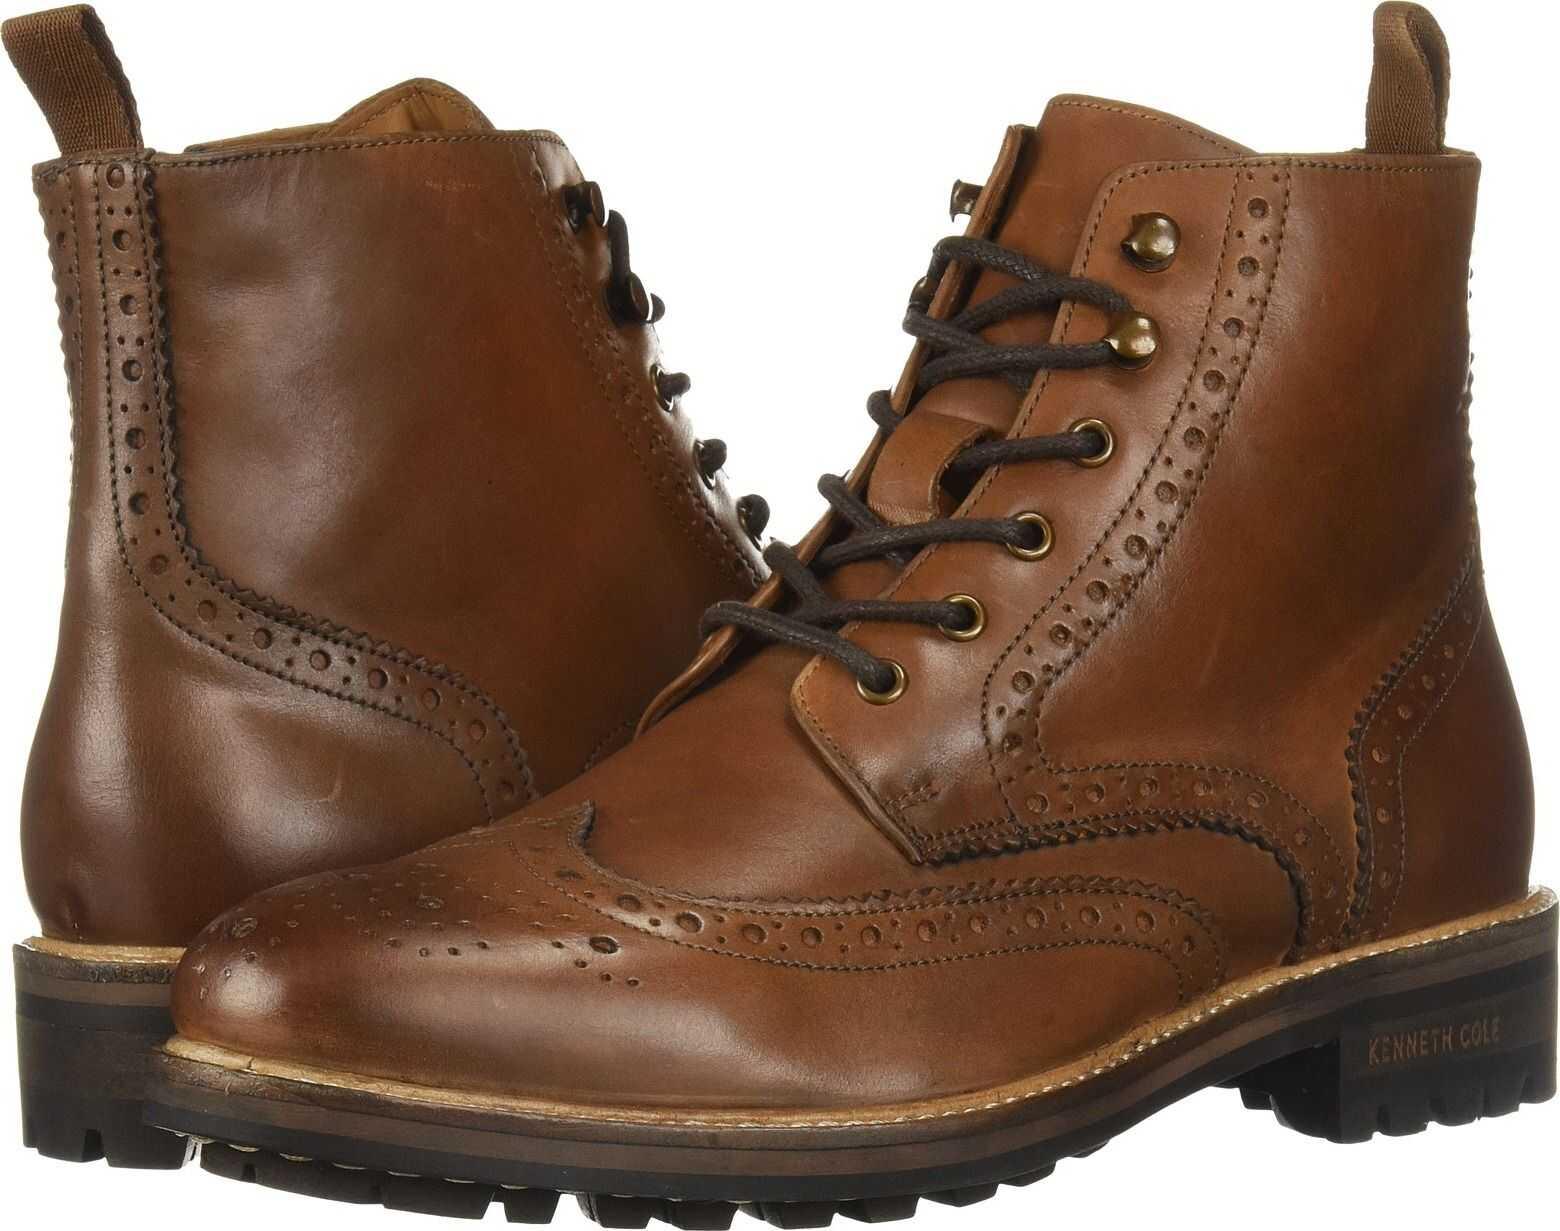 Kenneth Cole New York Maraq Lug Boot Cognac